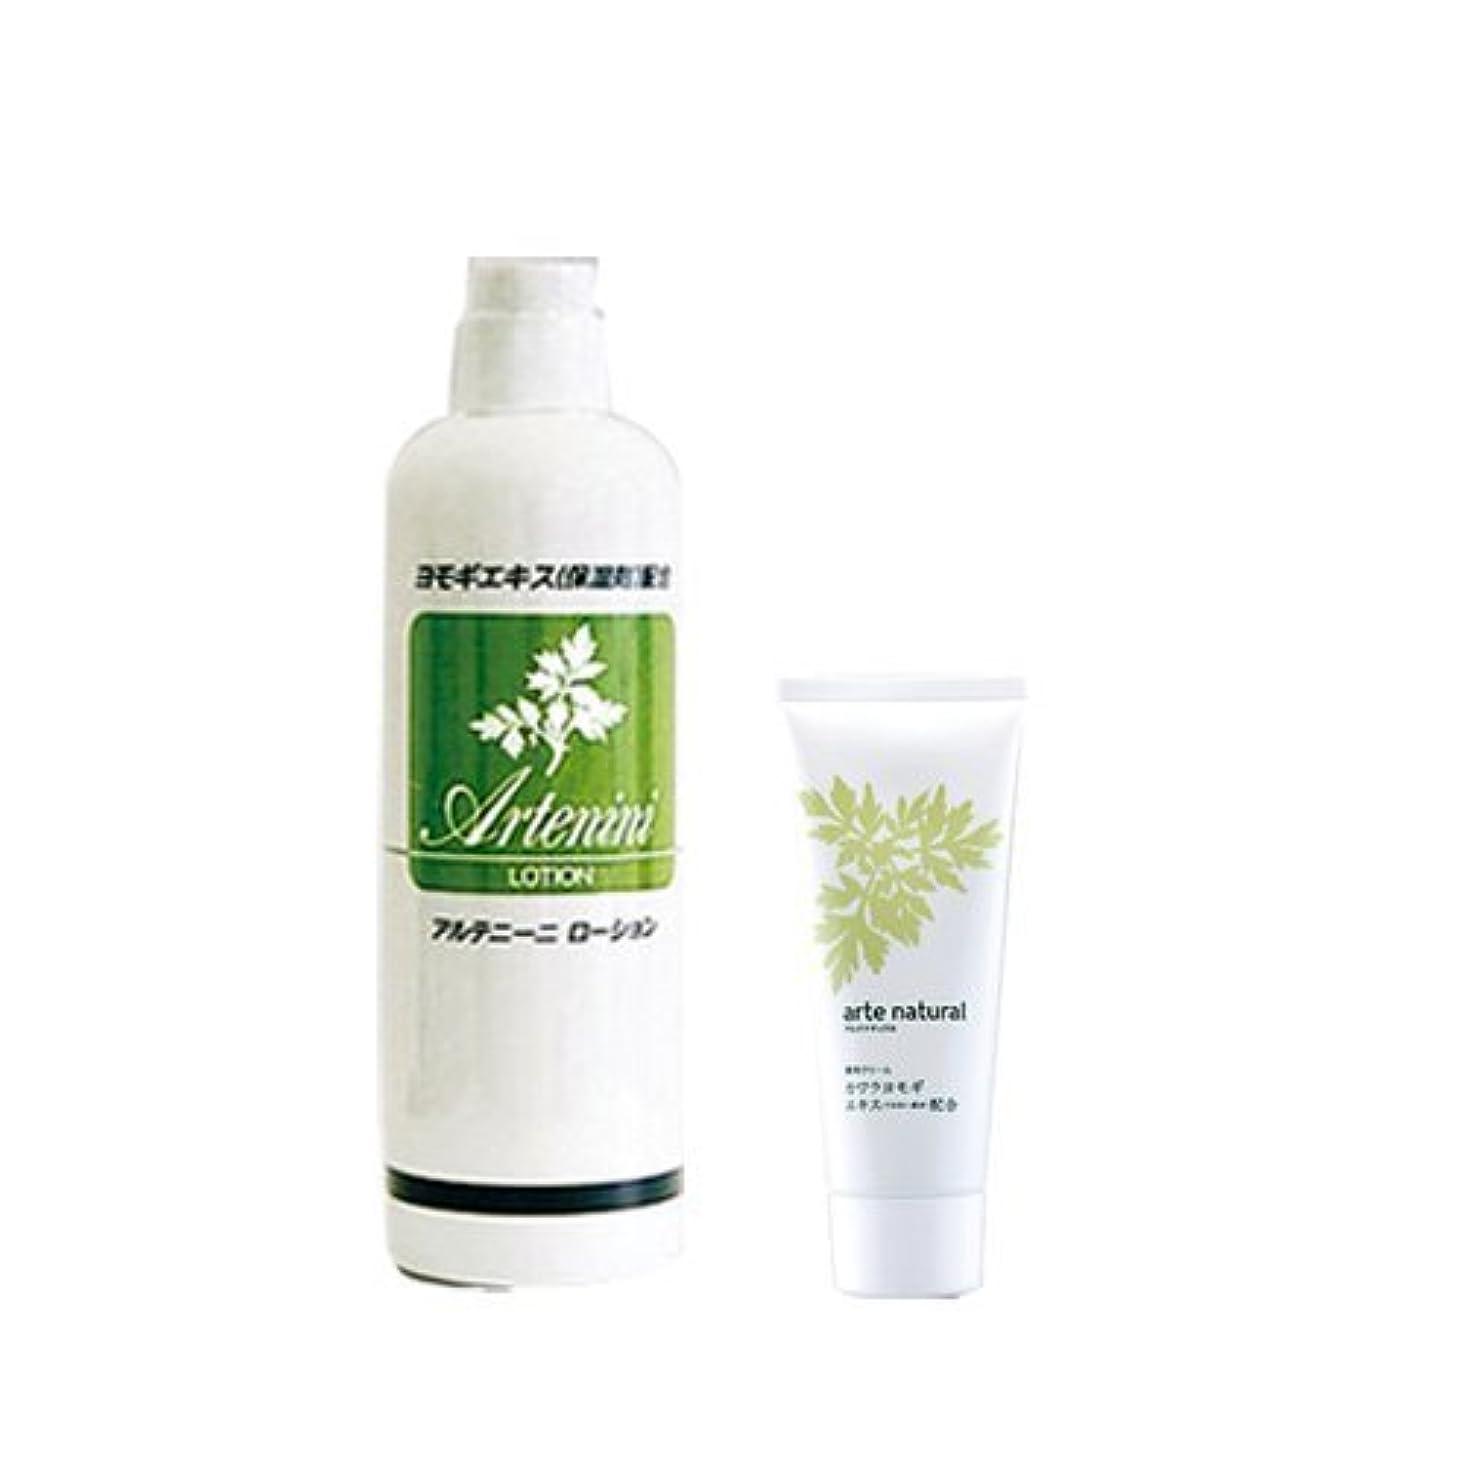 乳剤アストロラーベかごアルテニーニローション300ml+アルテナチュラル25g